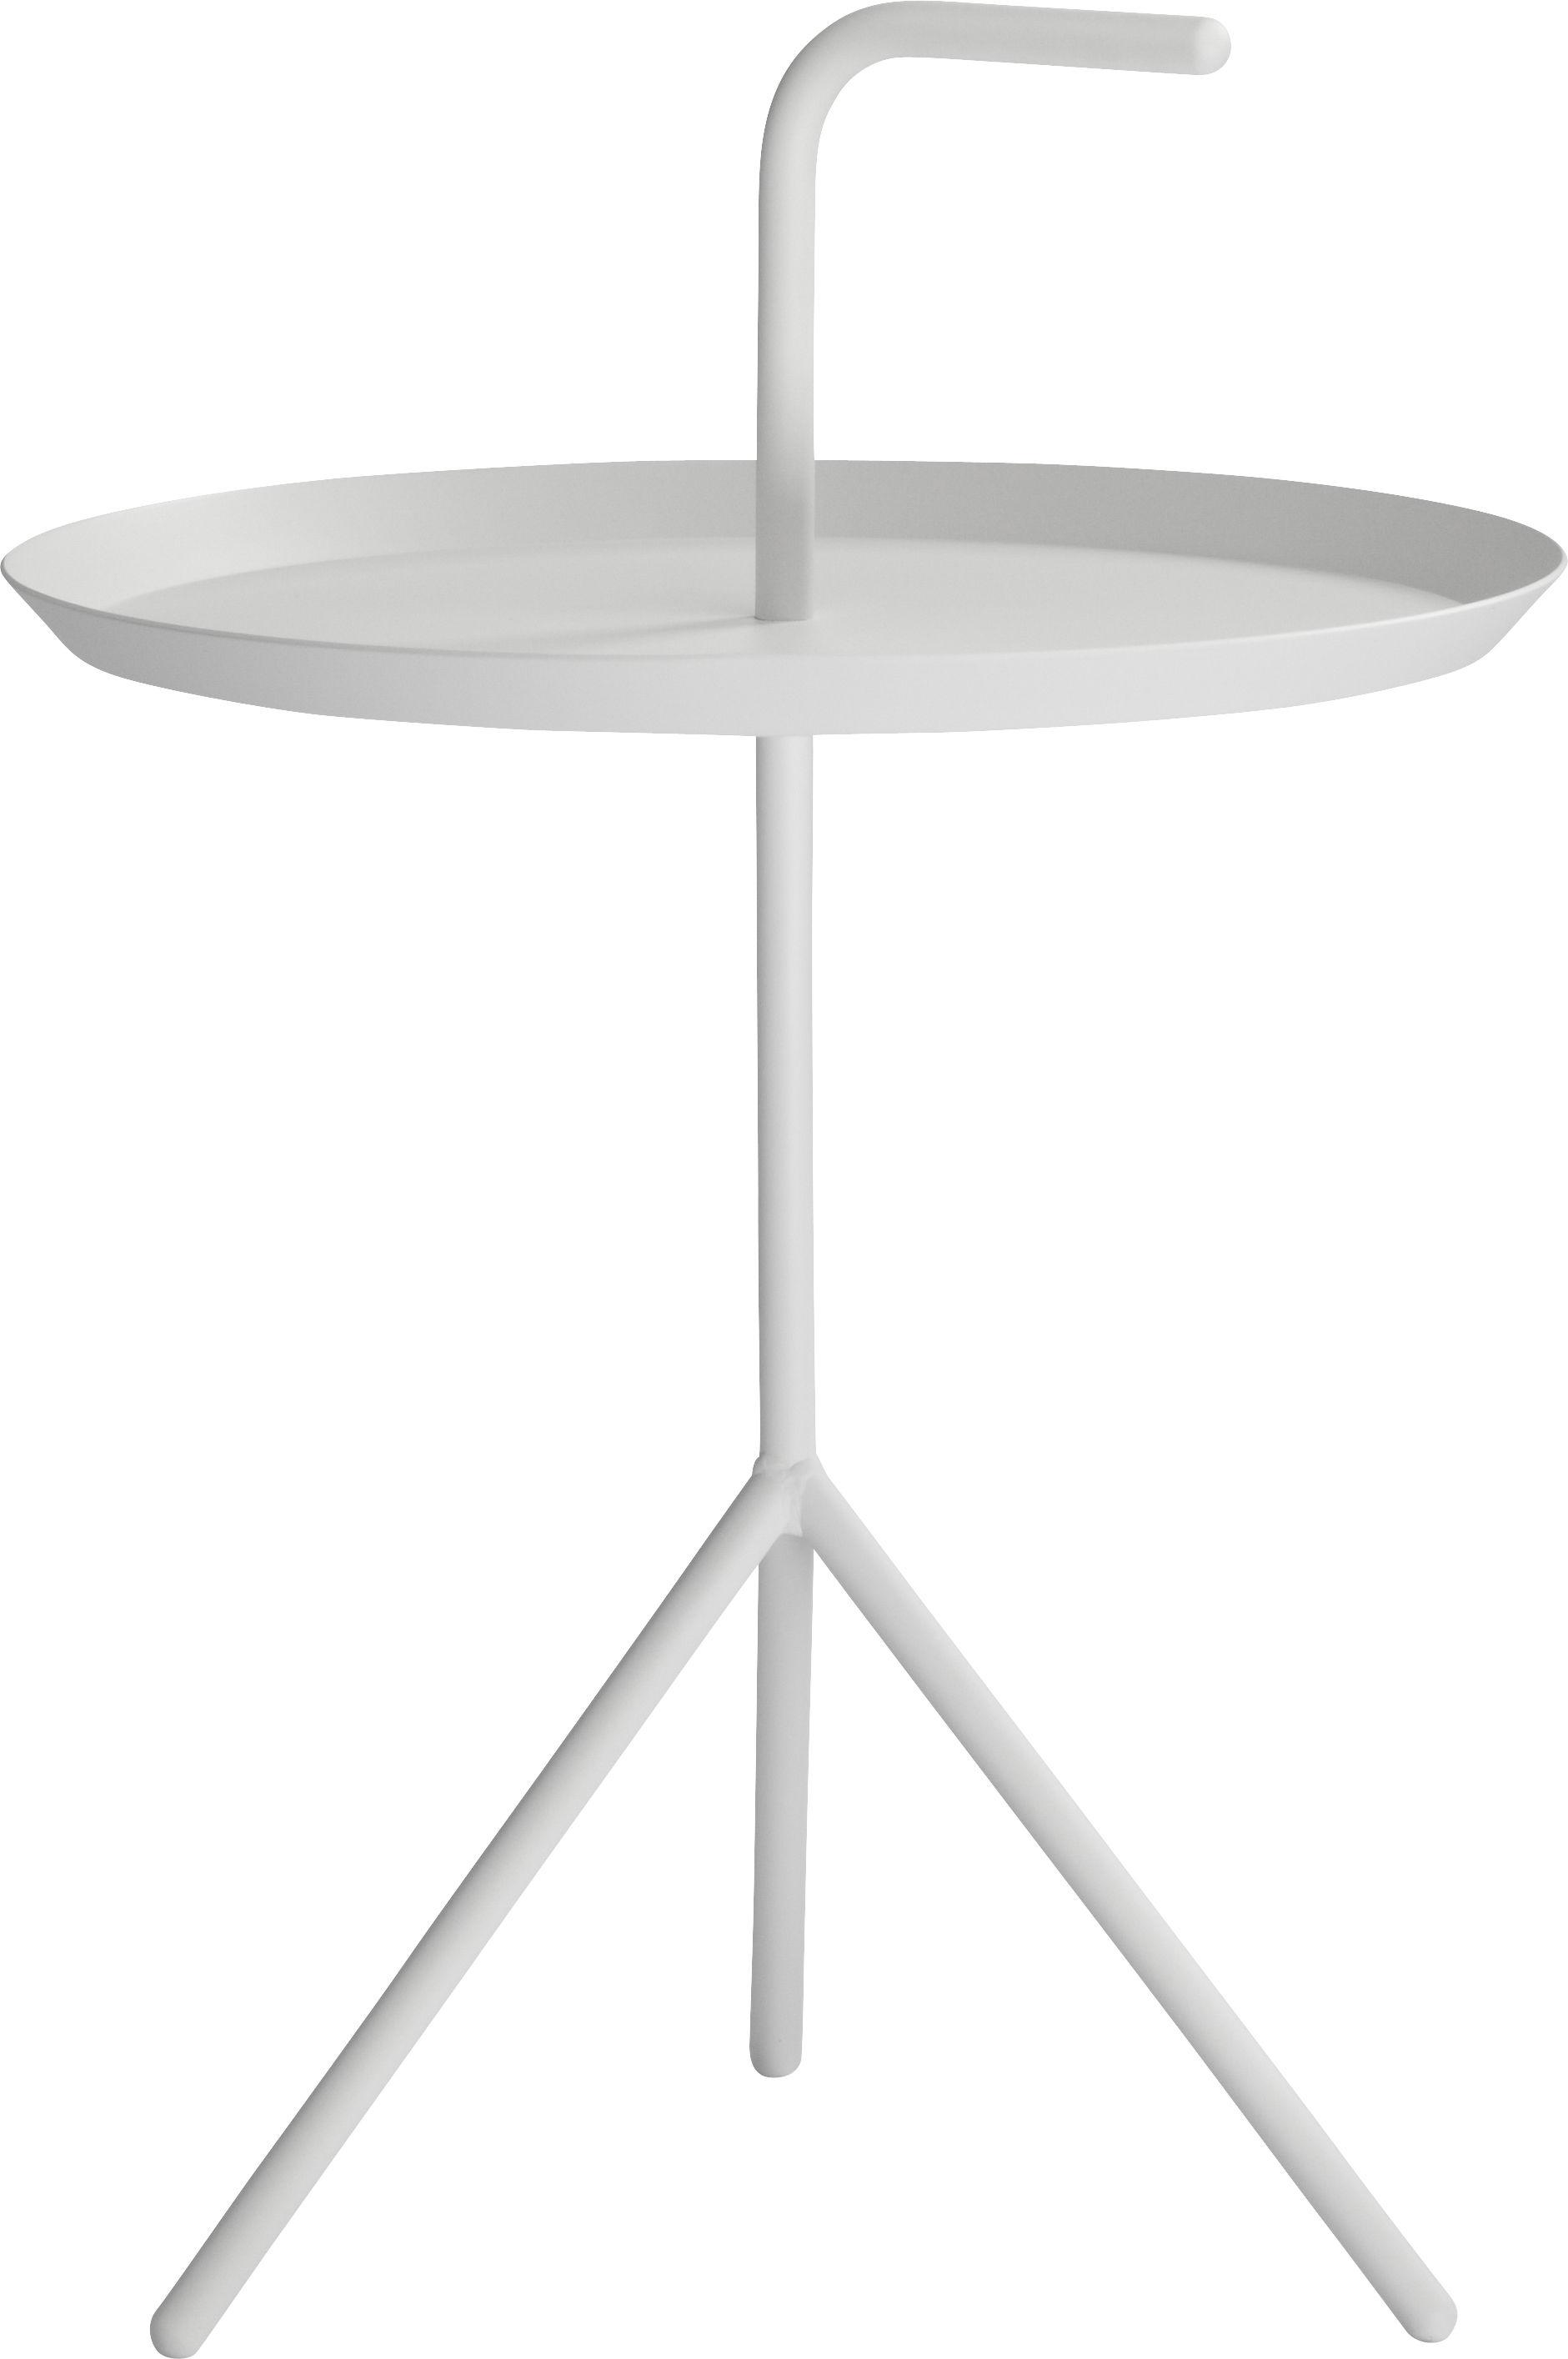 Mobilier - Tables basses - Table basse Don't leave Me XL / Ø 48 x H 65 cm - Hay - Blanc - Acier laqué